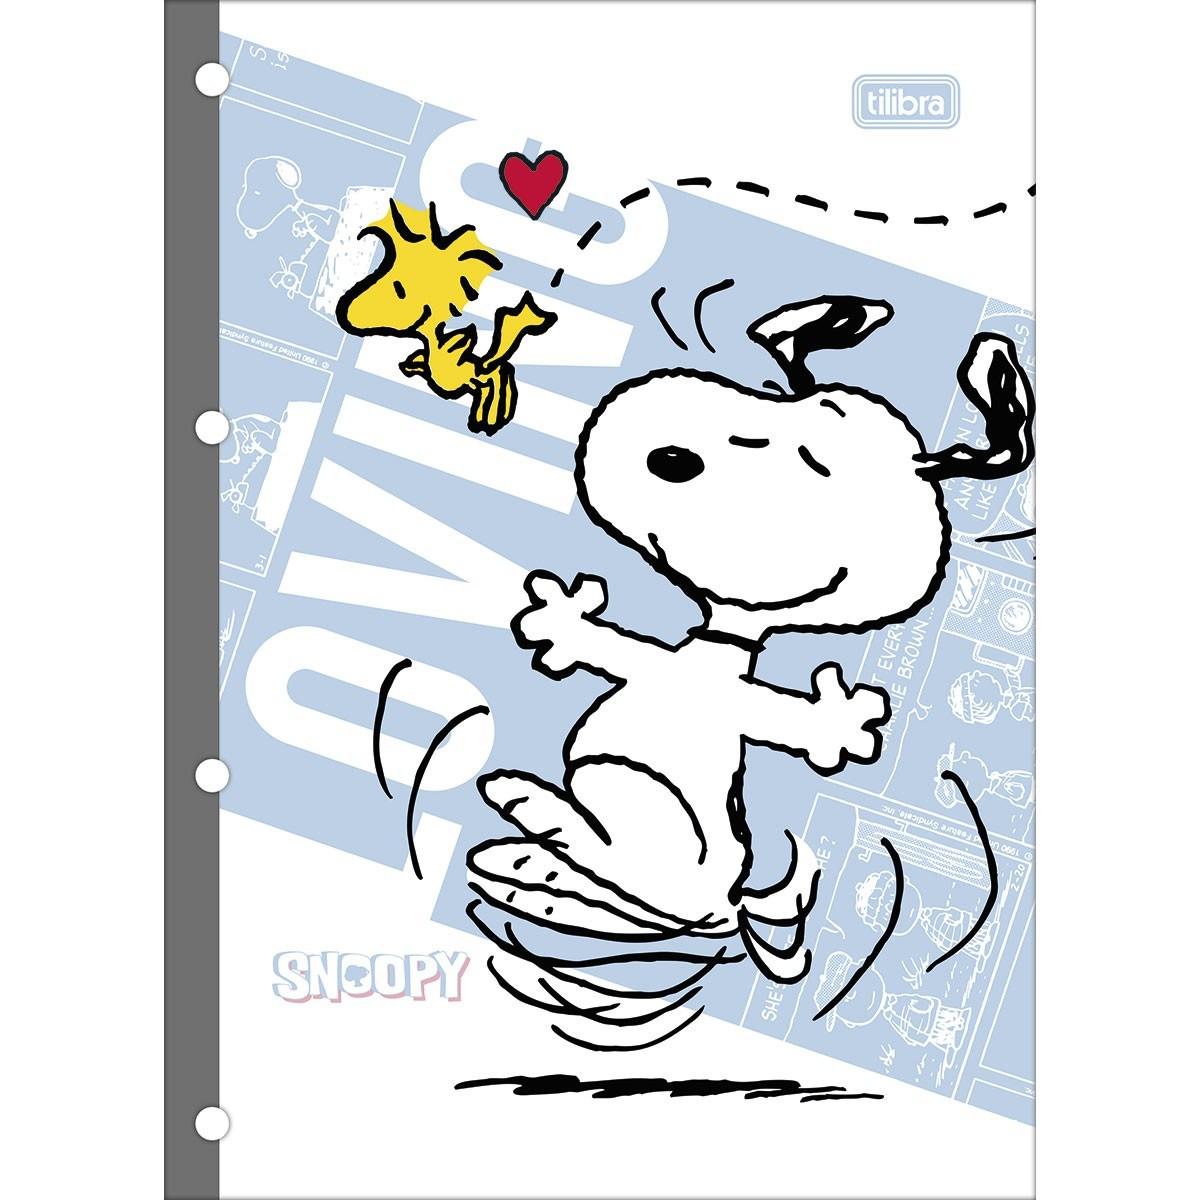 Refil  Caderno Argolado/Fichário Universitário Tilifelx Snoopy 80 Fls - Tilibra